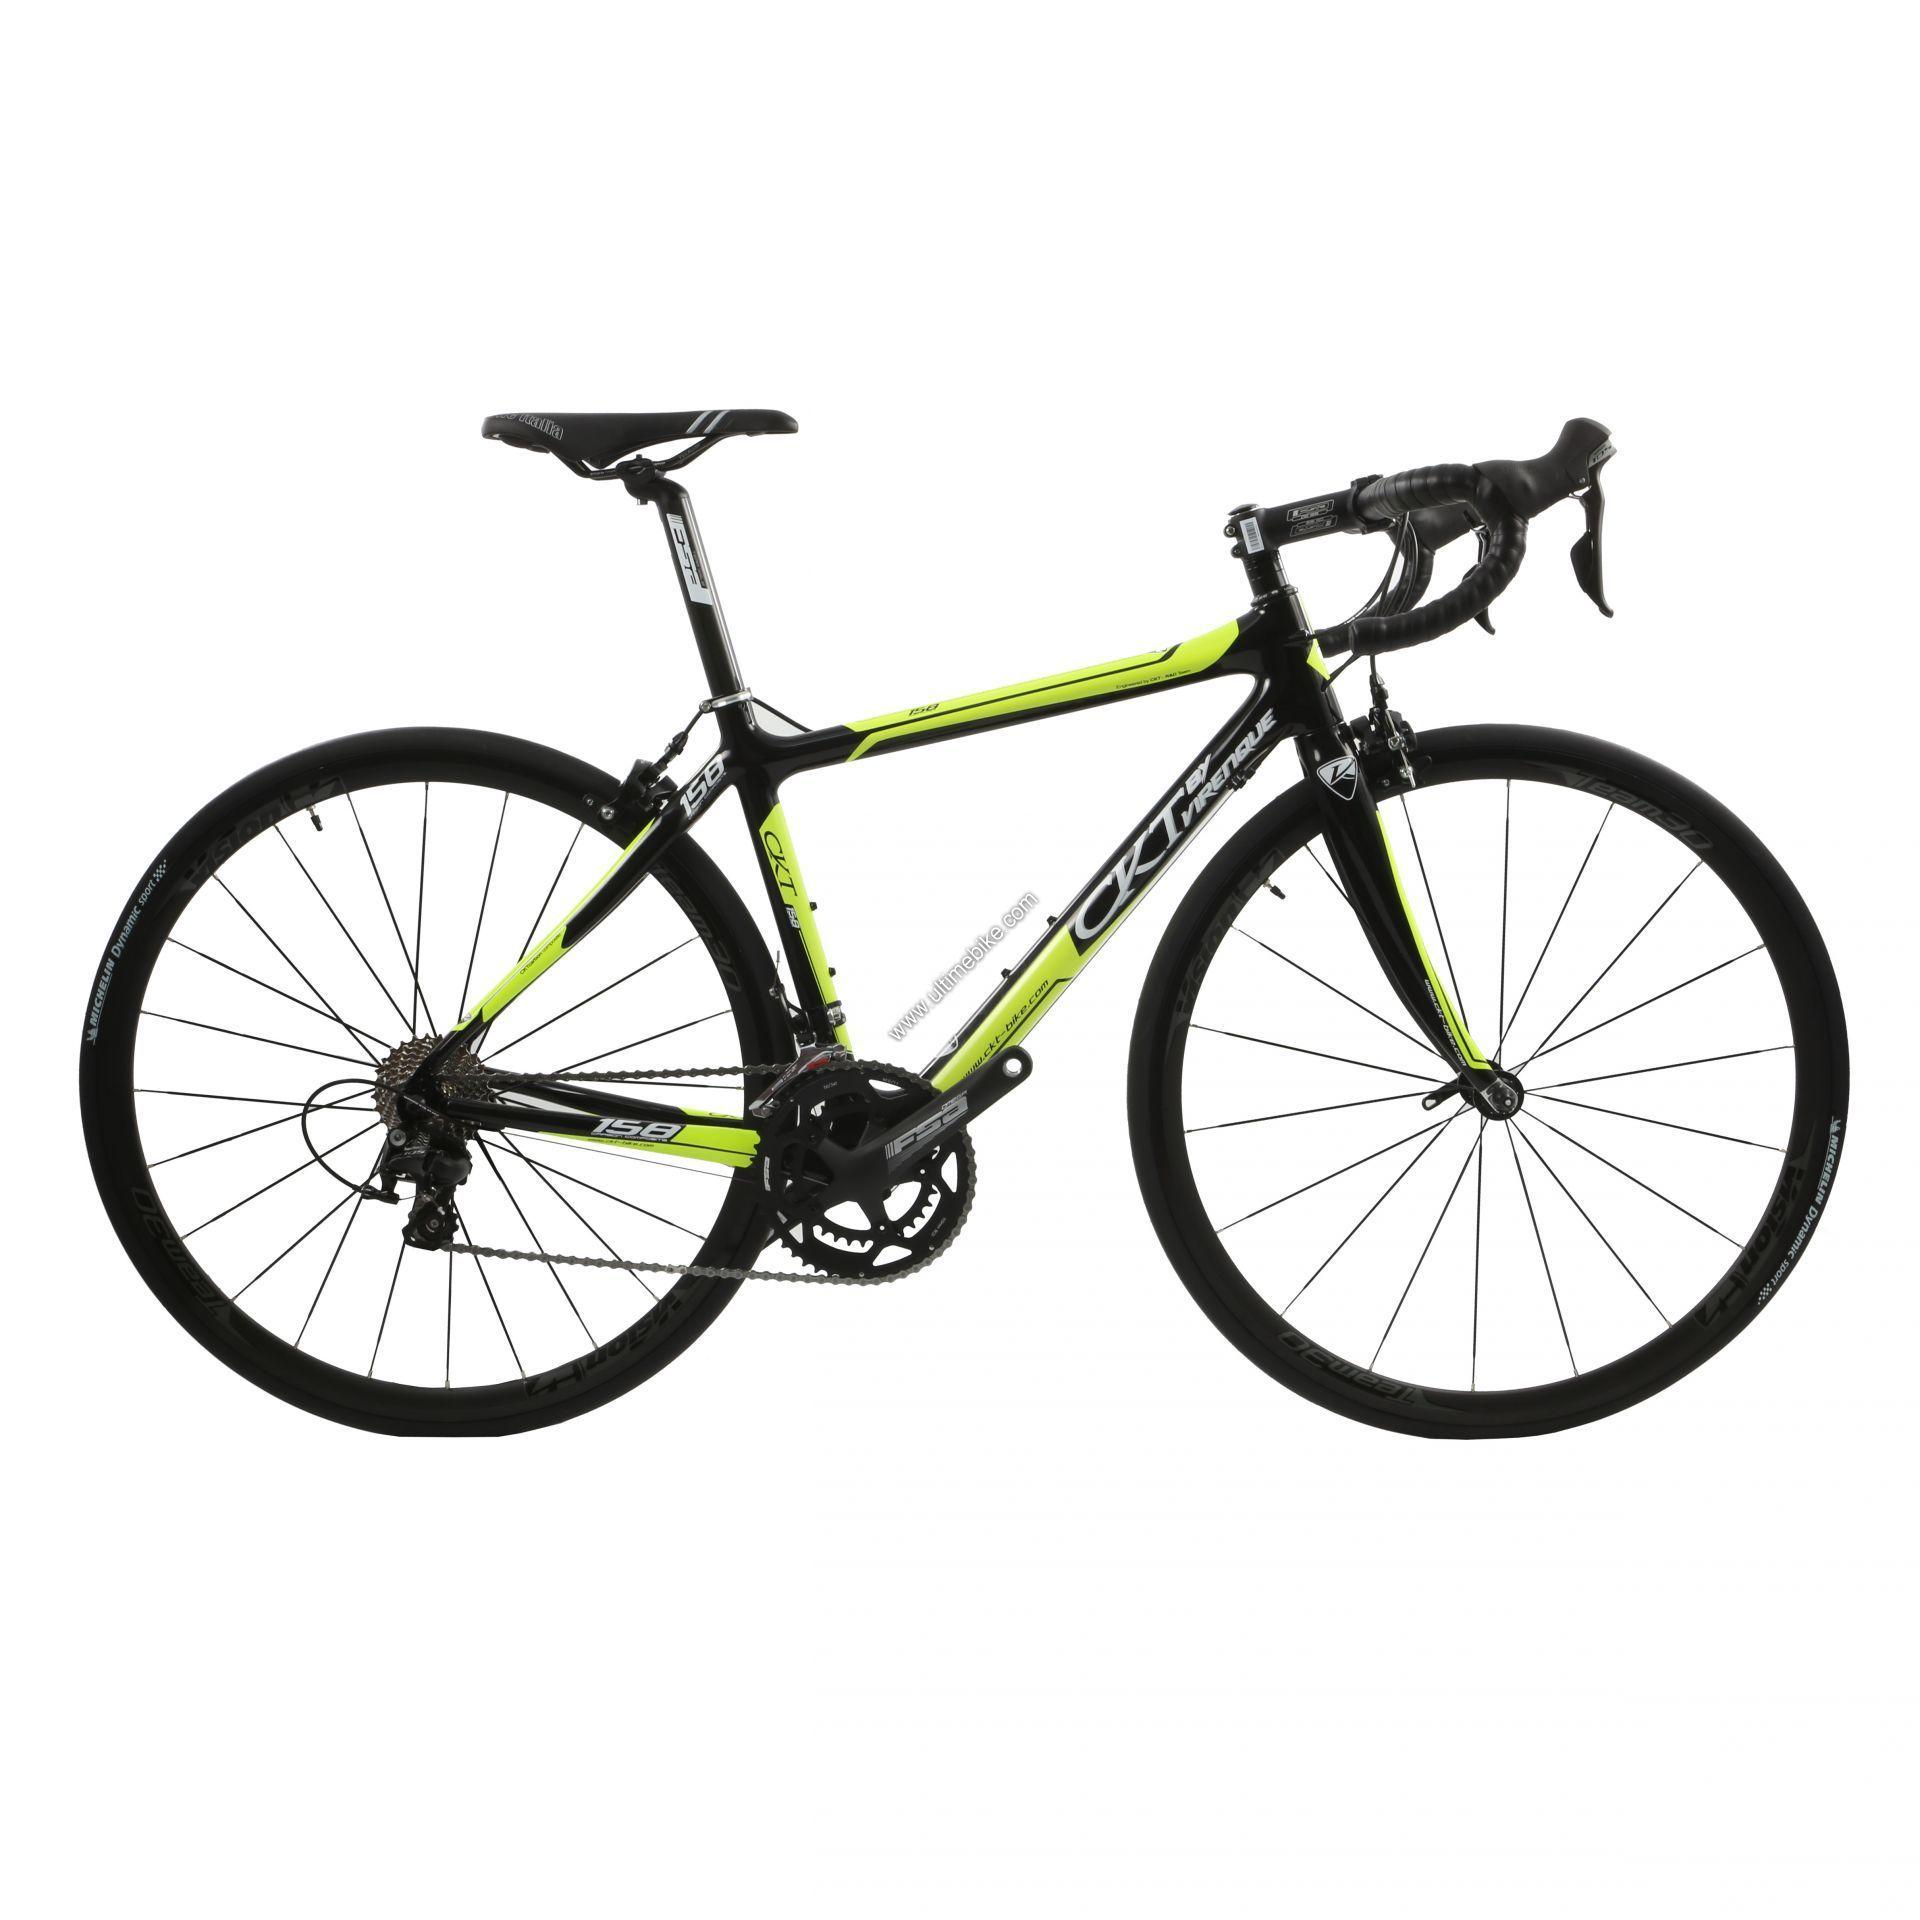 Vélo de route CKT by Virenque 158 carbone Shimano 105 - M / 49 cm